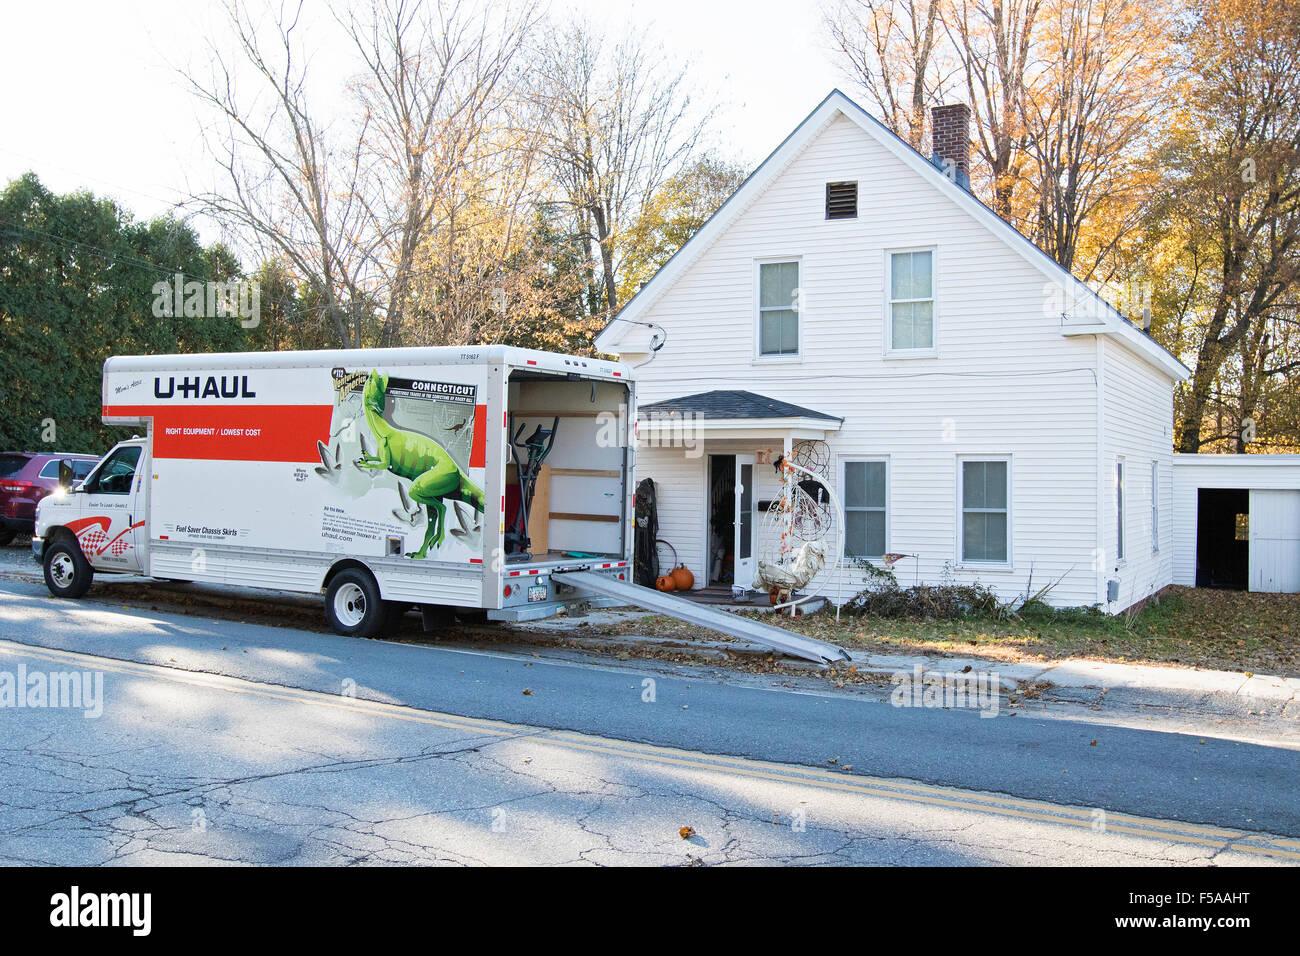 Umzug Haus Mit Beweglichen Lkw Mobelwagen Stockfoto Bild